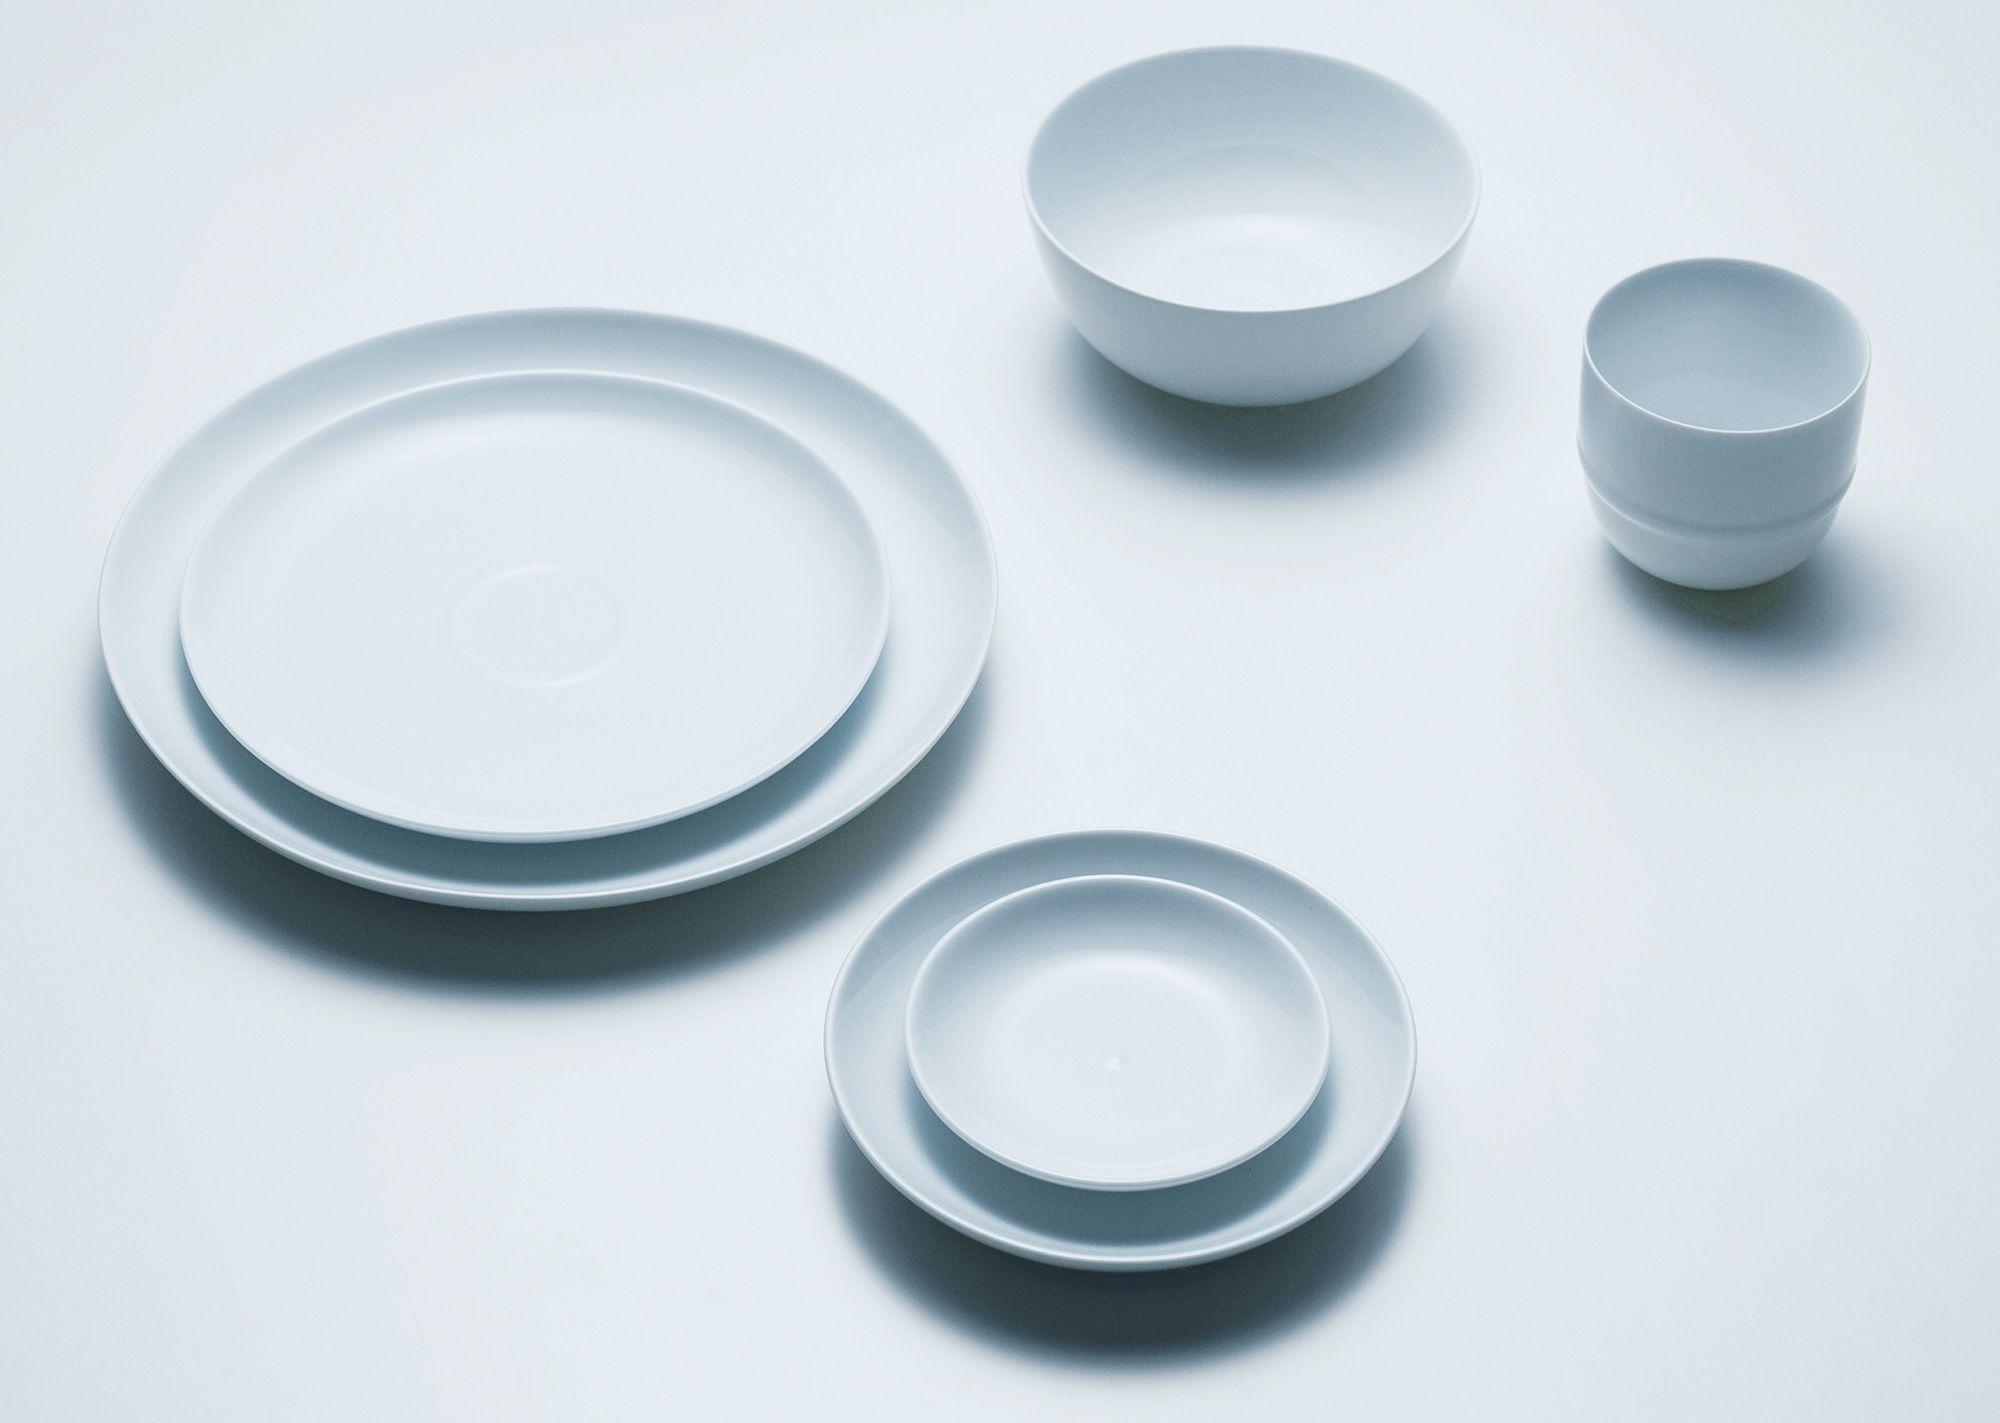 陶瓷餐具包含 14.5 公分的盘子(1,836 日元)、水杯(1,404 日元)等6种